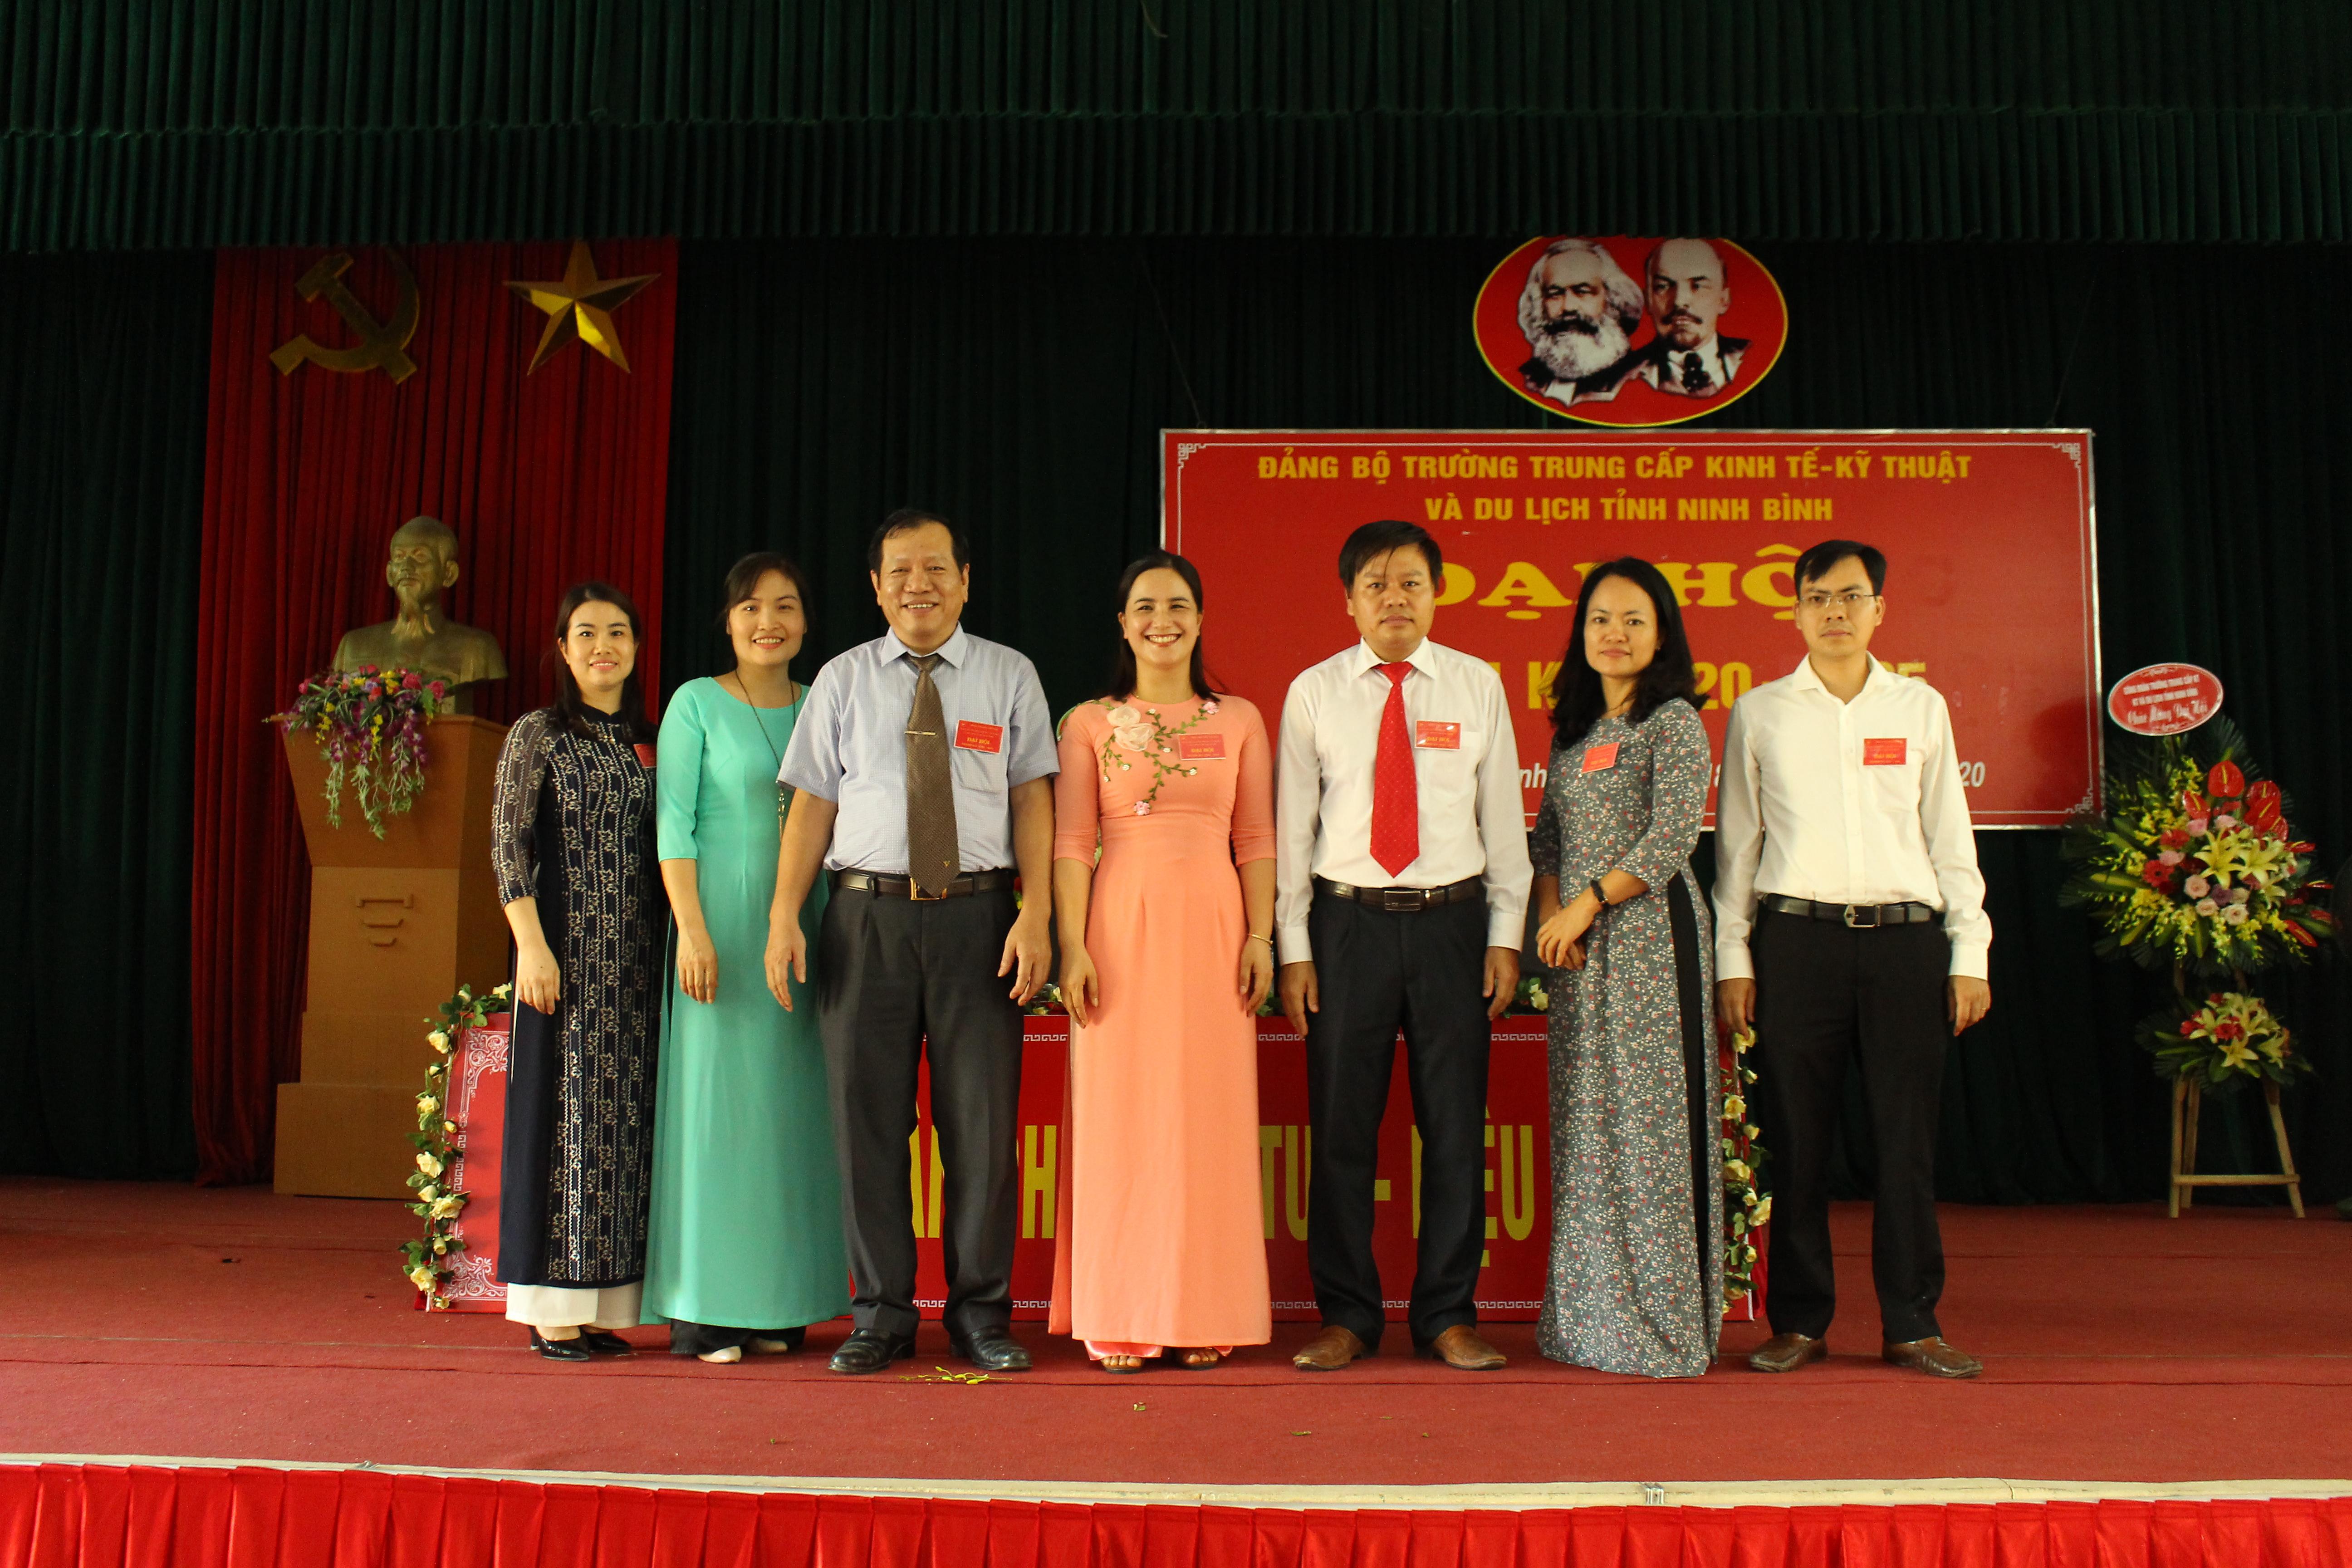 Đại Hội Đảng Bộ nhiệm kỳ 2020-2025